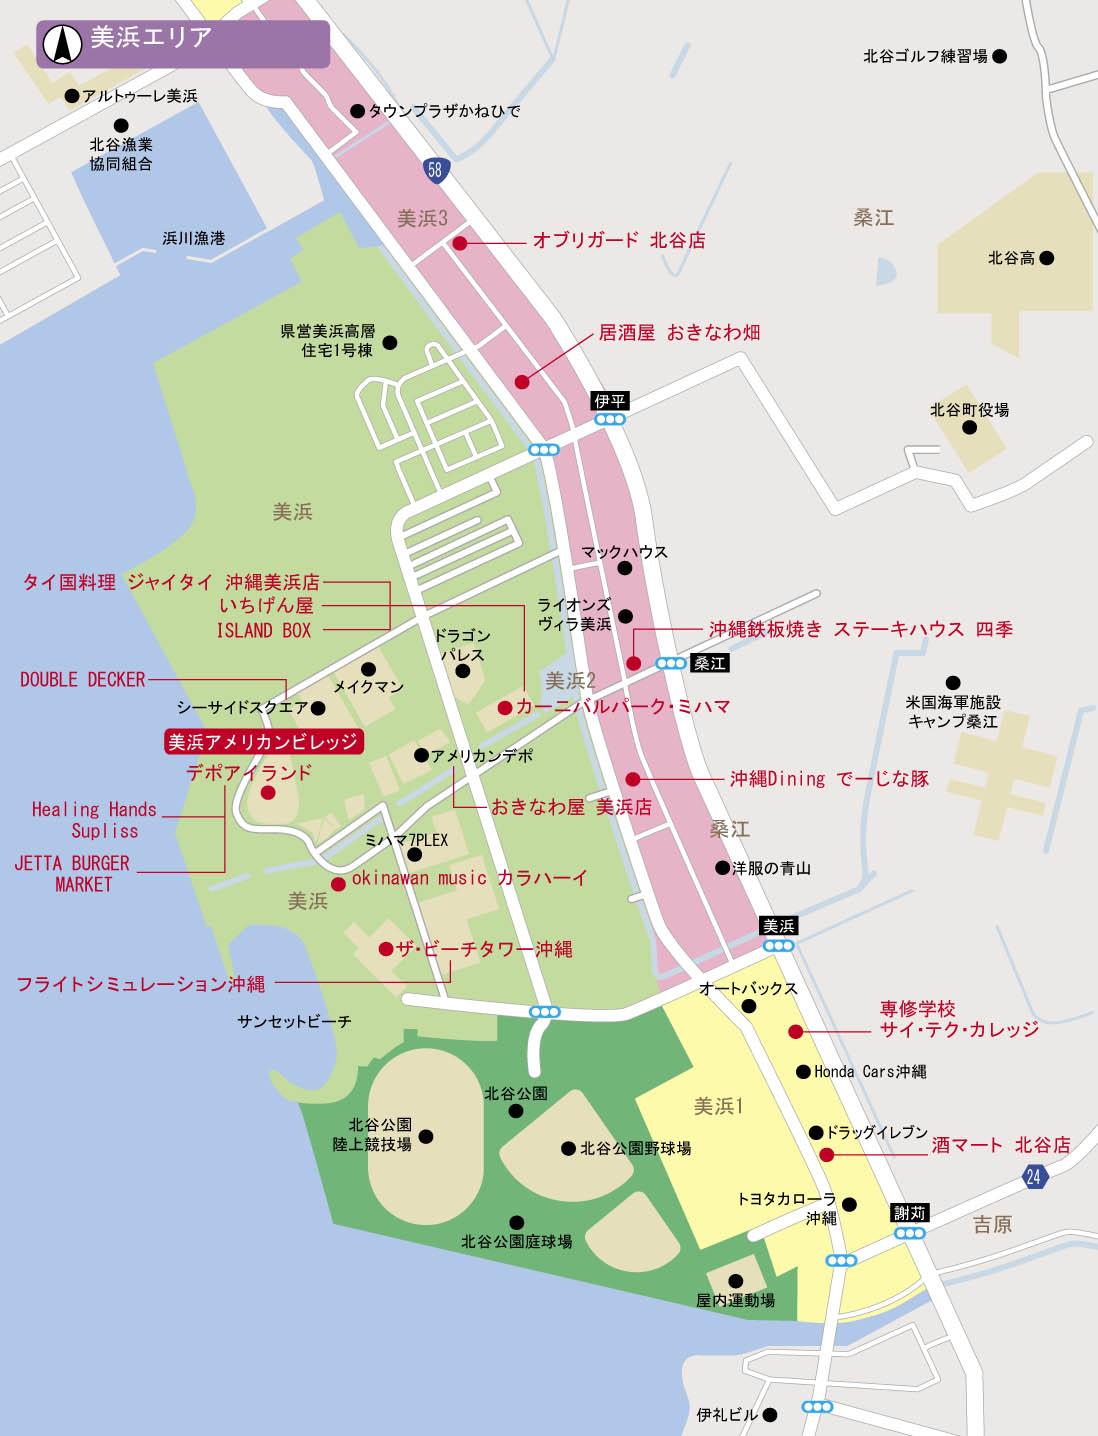 観光マップ:北谷町観光協会|リゾートタウン北谷で遊ぼう